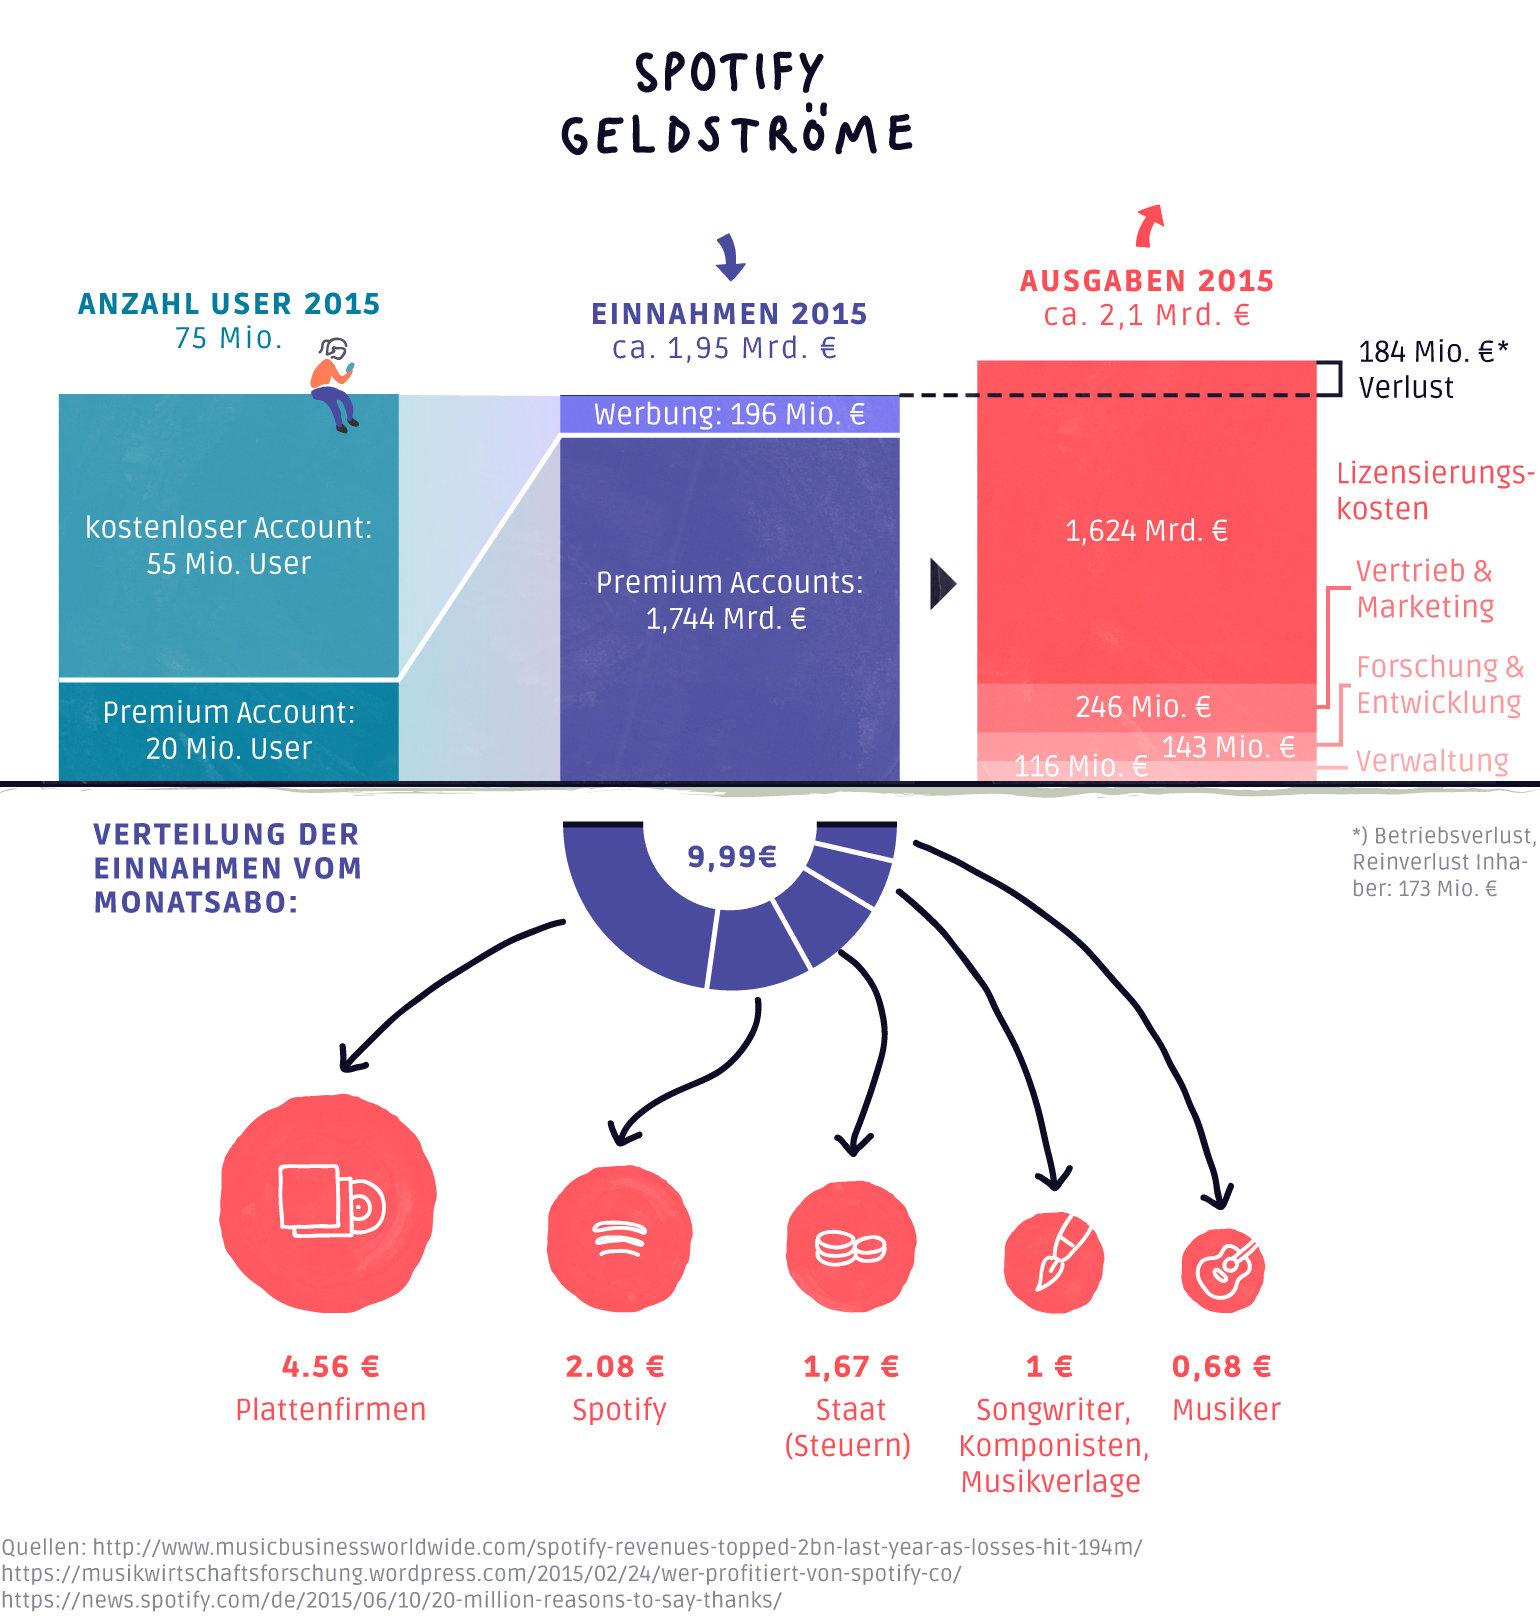 EIne Infografik die zeigt, wie der Streamingdienst Spotify Geld verdient und wohin es fließt